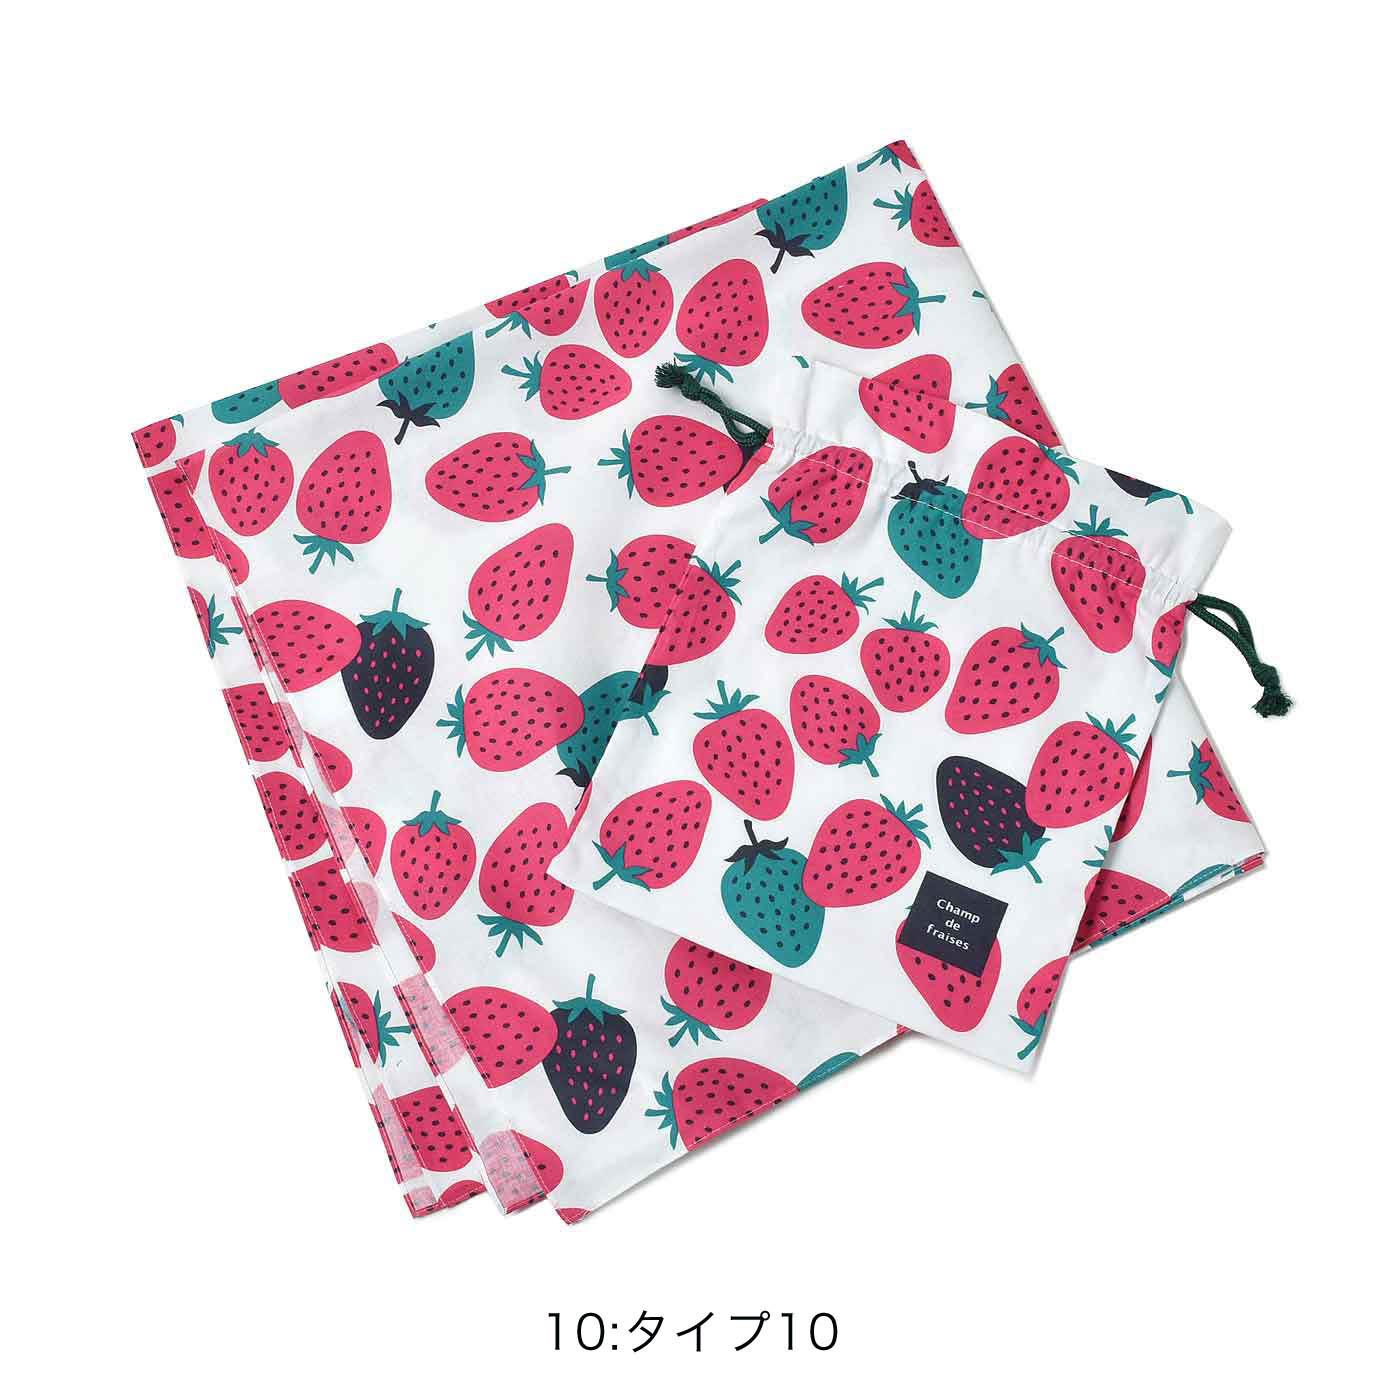 ●ふろしき&きんちゃくセット ■素材:綿100% ■サイズ:〈ふろしき〉約80×80cm 〈きんちゃく〉縦約28cm、横約23cm ■日本製